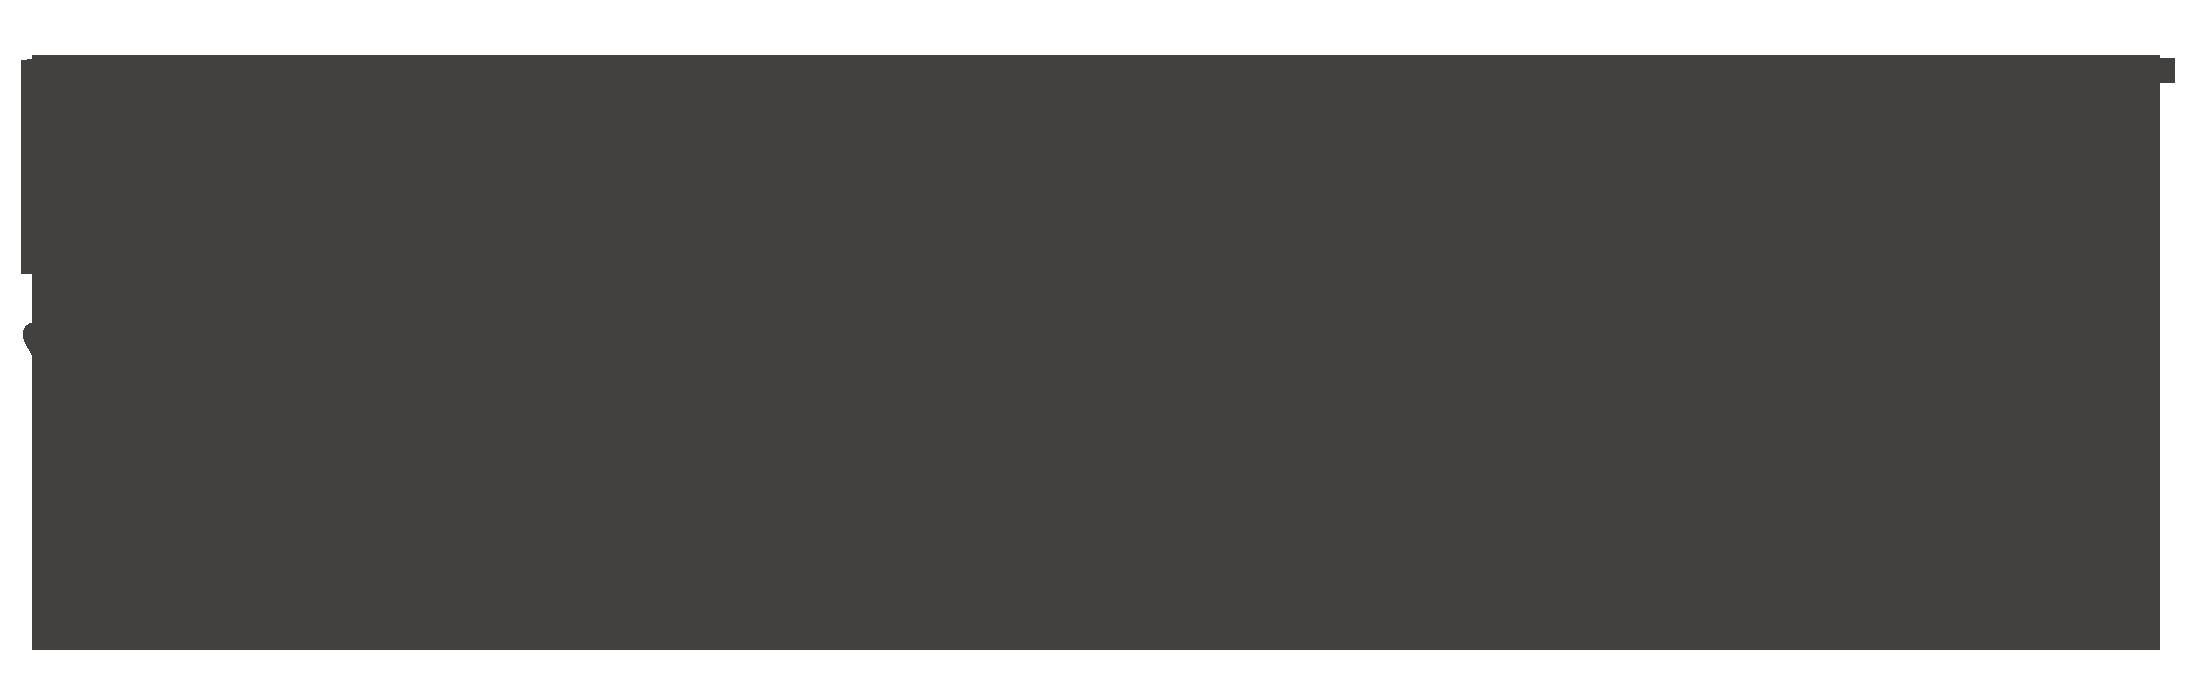 Premium Trust